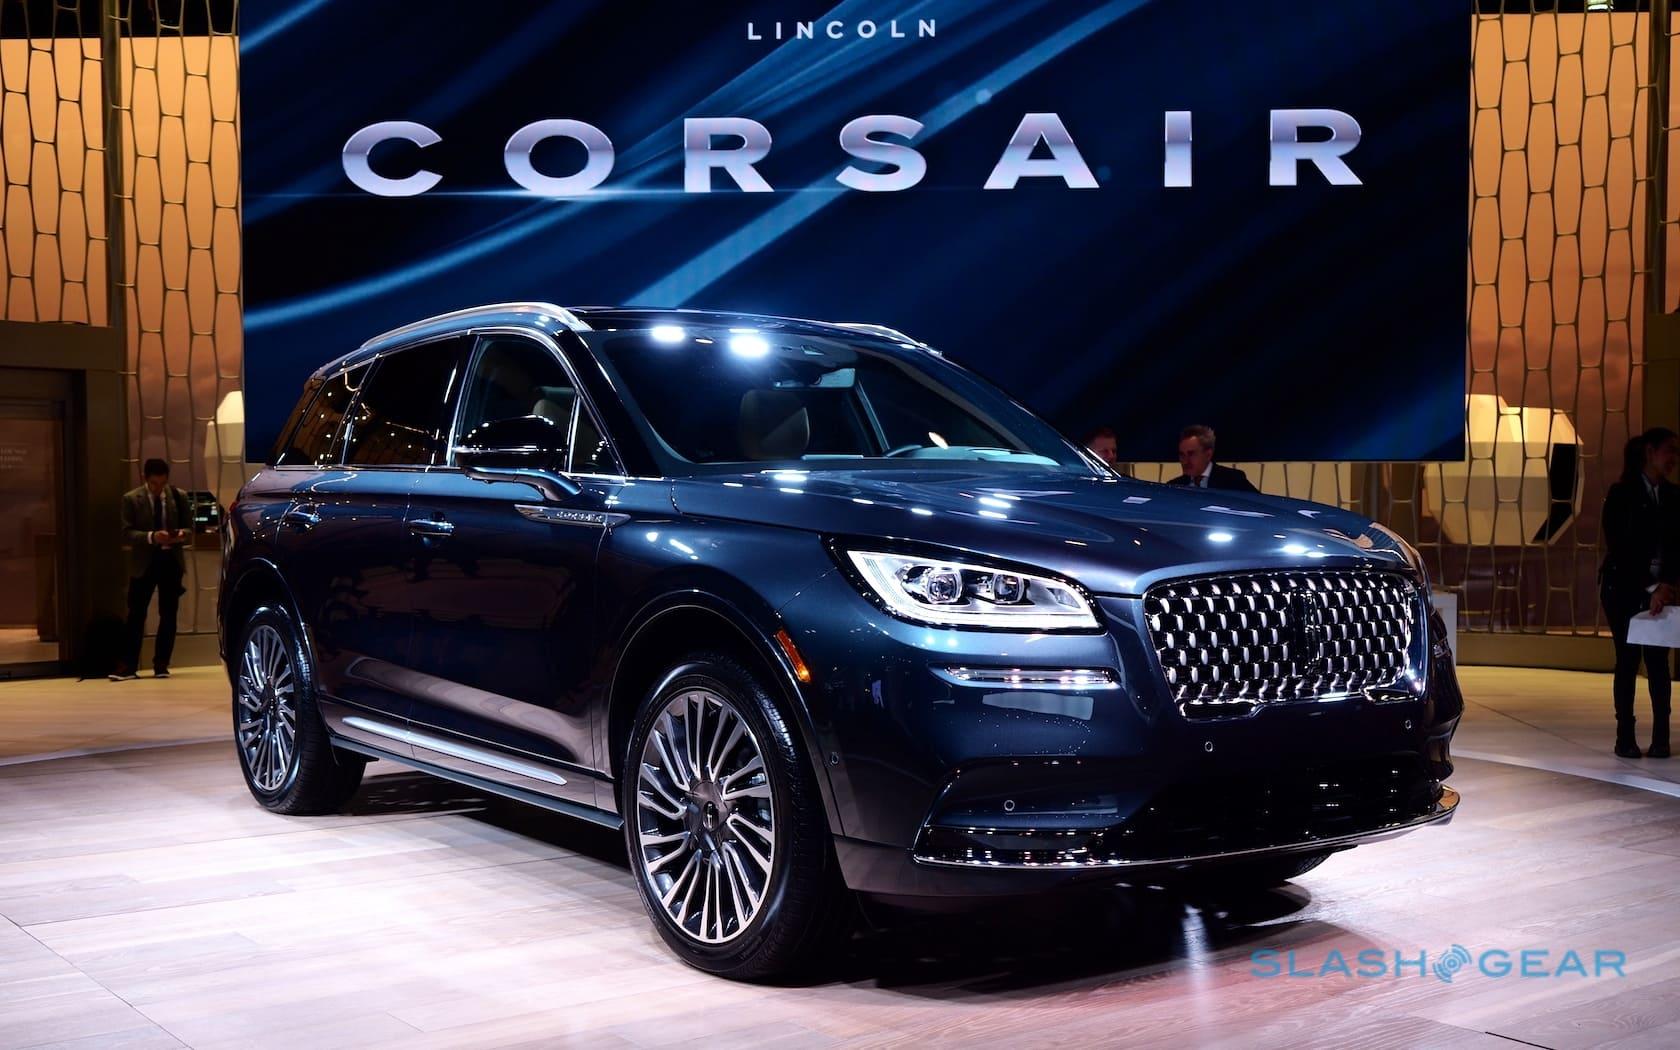 Lincoln Corsair 2020 traz estilo Navigator para crossover de luxo